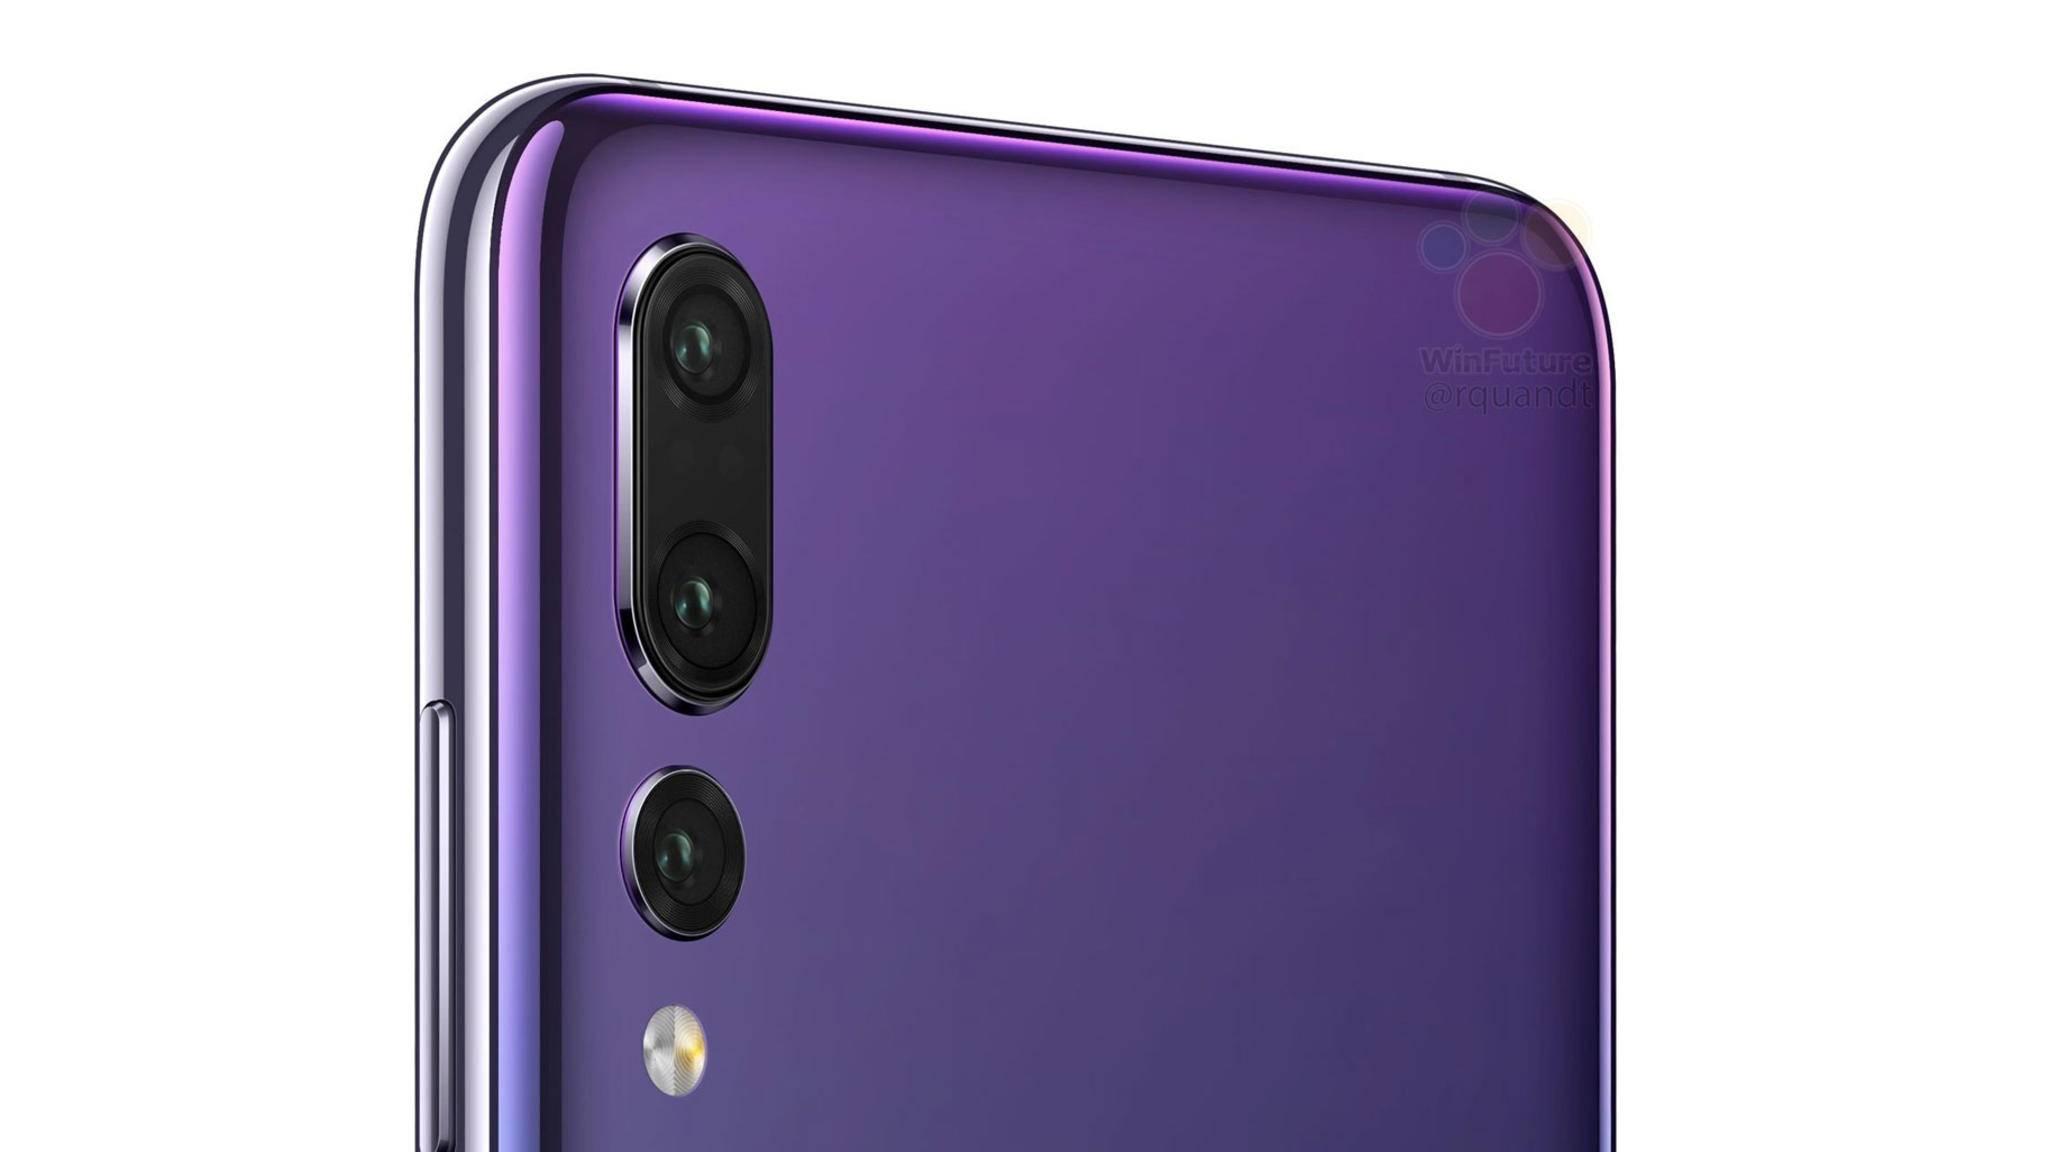 Eine Triple-Kamera soll dem Huawei P20 Pro vorbehalten sein.